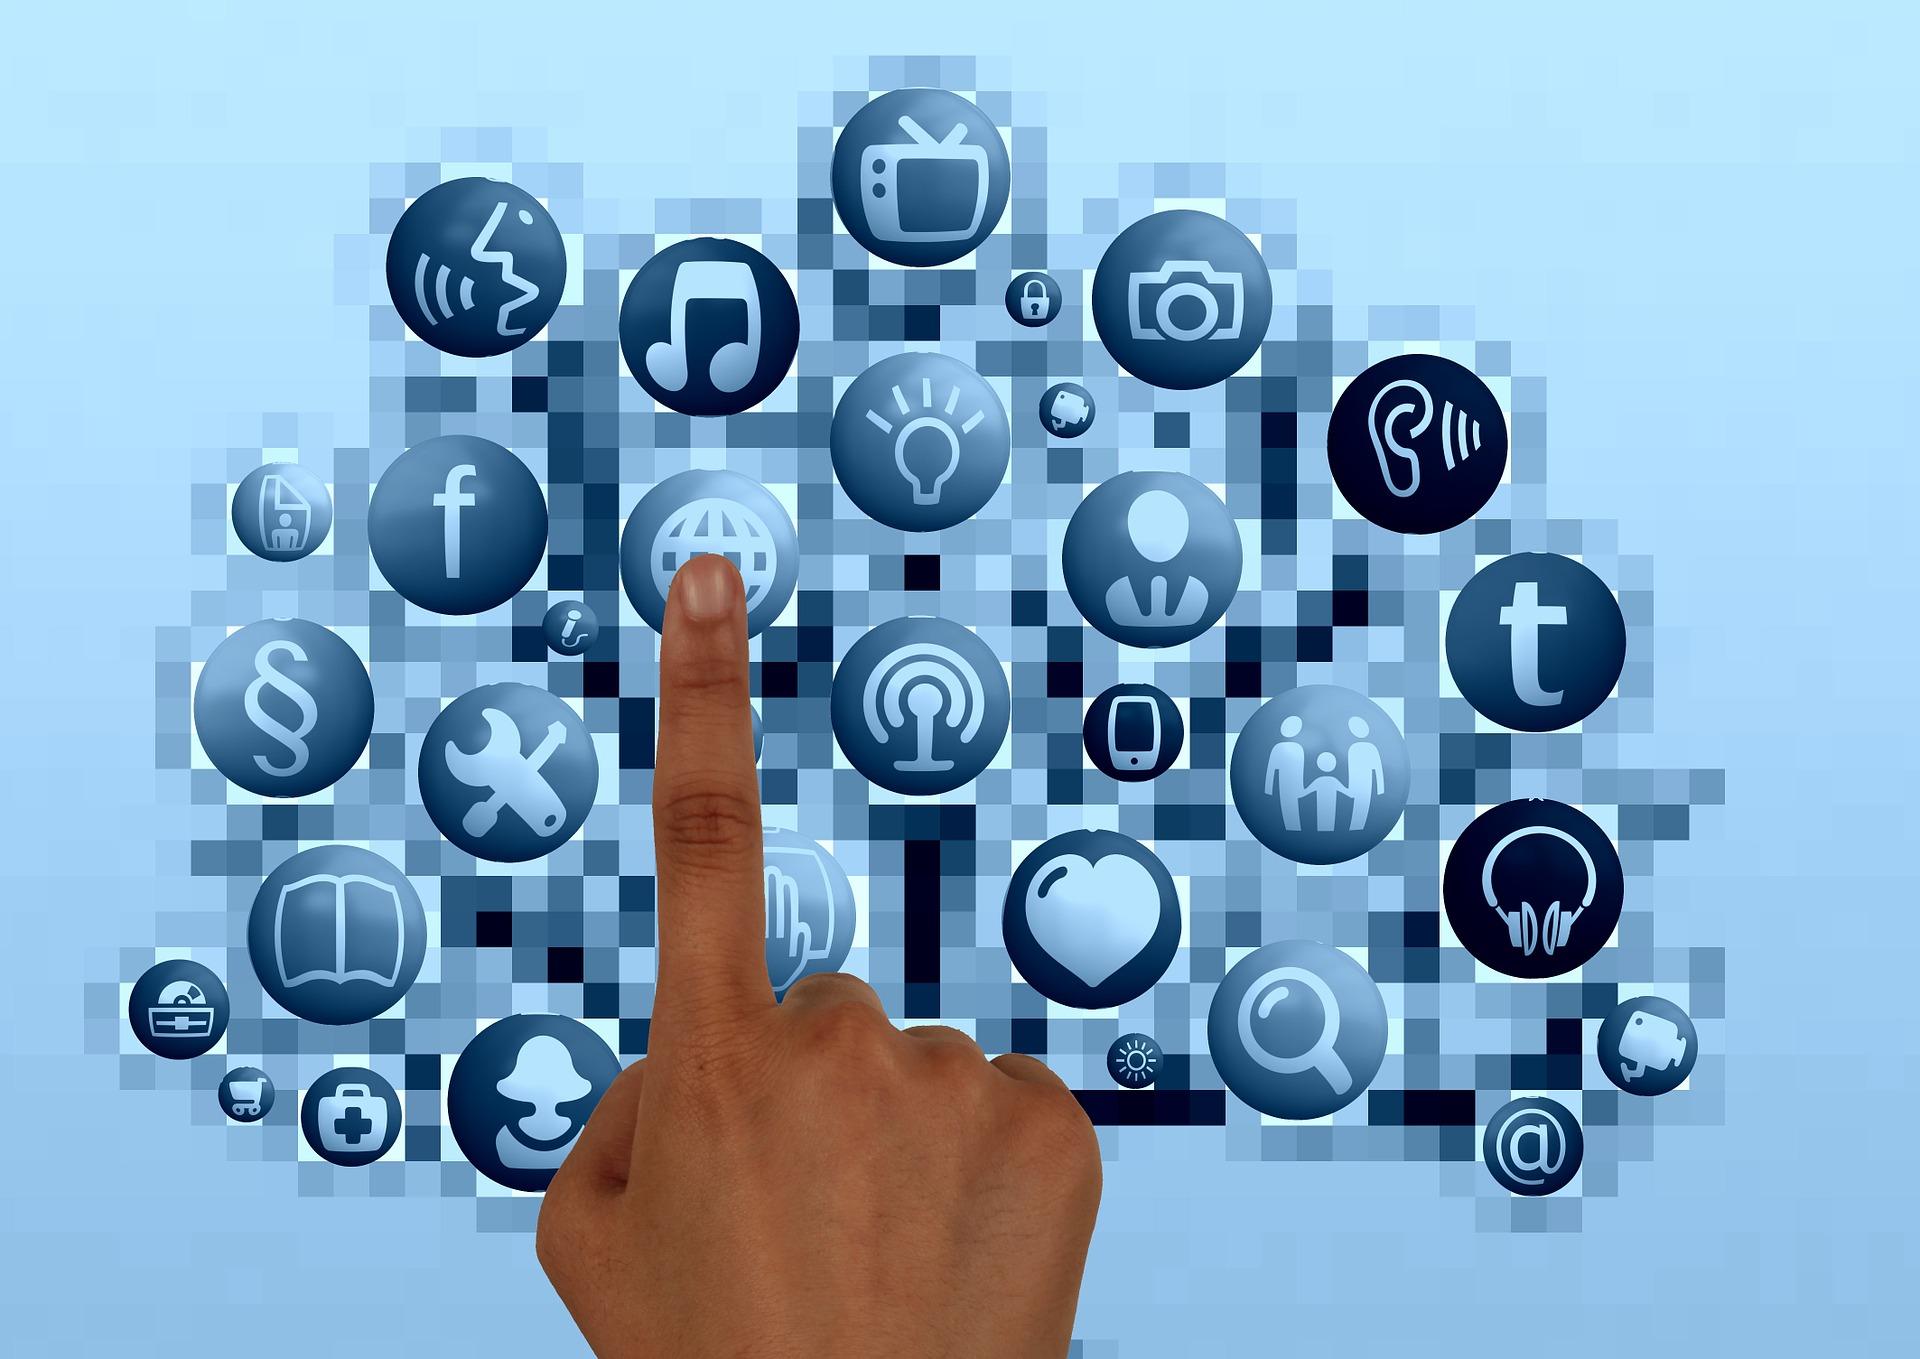 Les réseaux sociaux de la prochaine génération